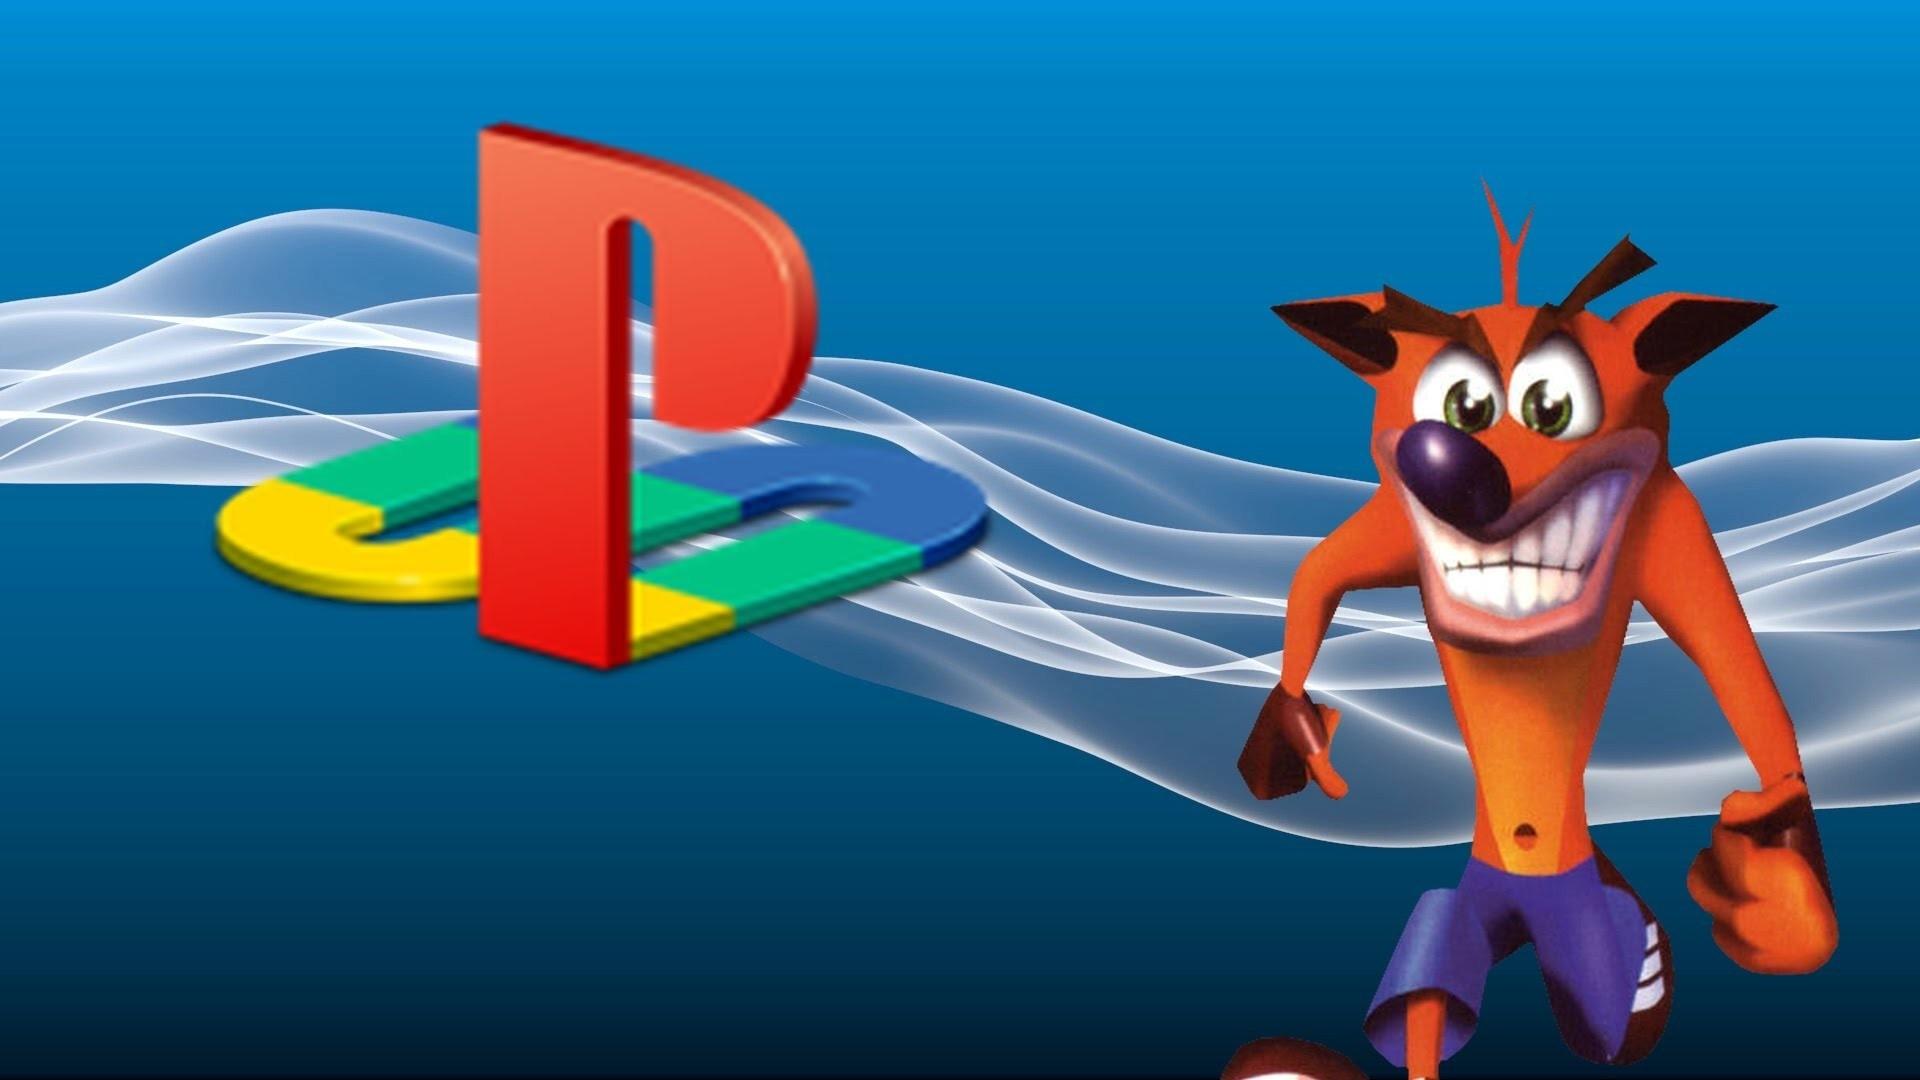 Crash Bandicoot Desktop wallpaper